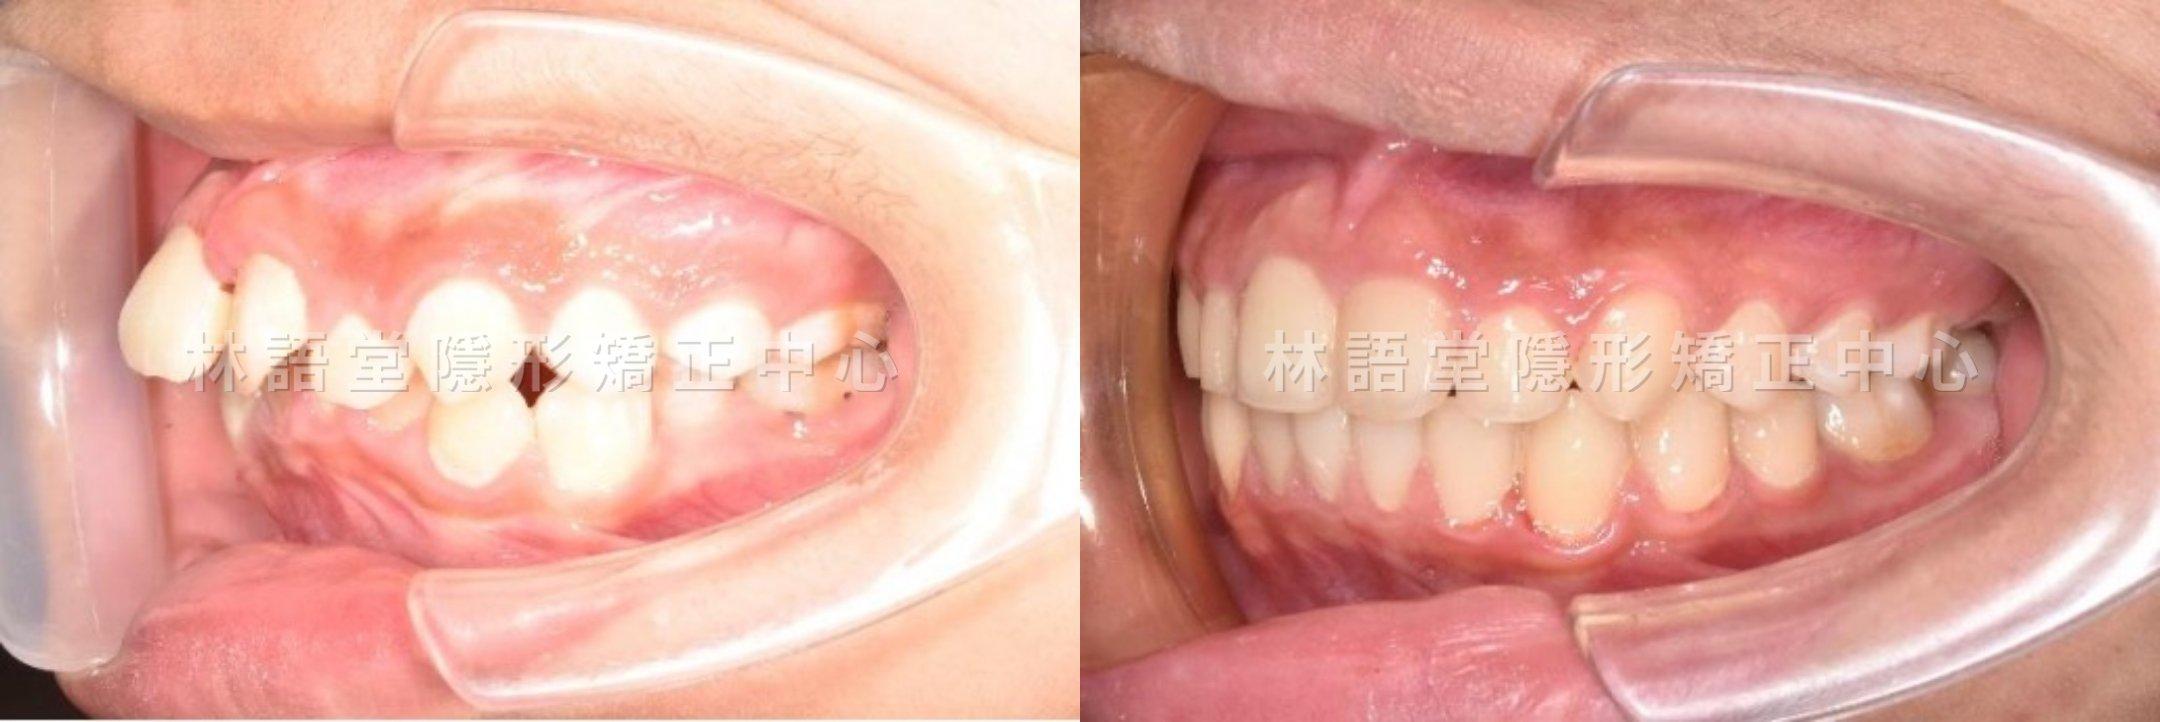 矯正案例:兒童下顎骨後縮、牙齒擁擠、嘴巴閉不起來.jpg